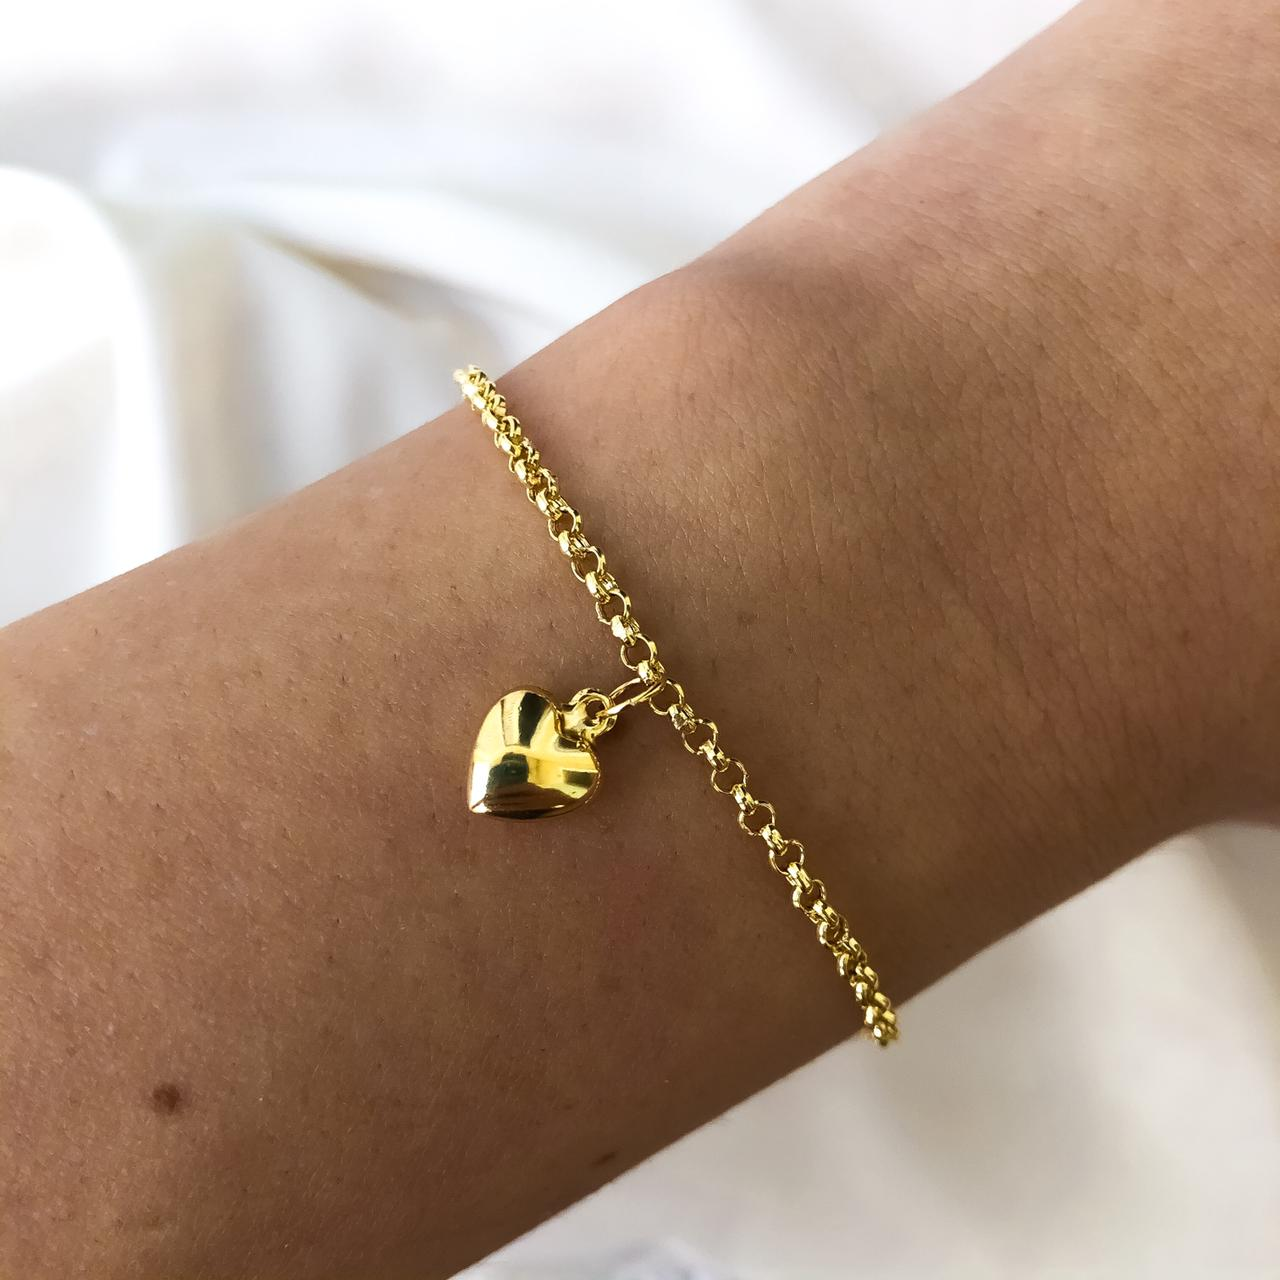 Pulseira Elo Português Três Pingentes de Coração Pequenos em Ouro 18K 18cm